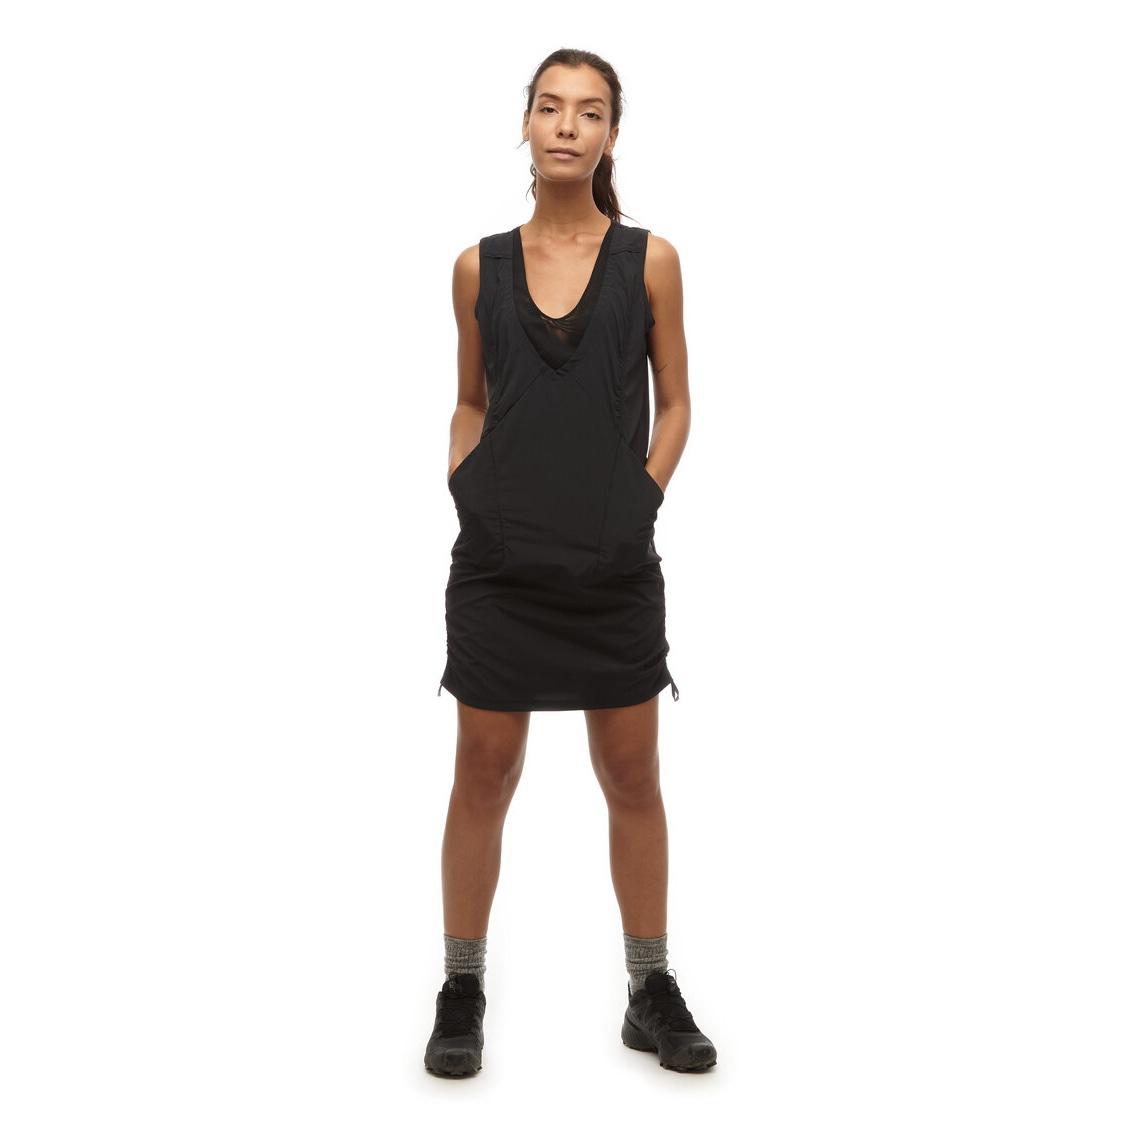 LIIKE III DRESS - WOMEN'S